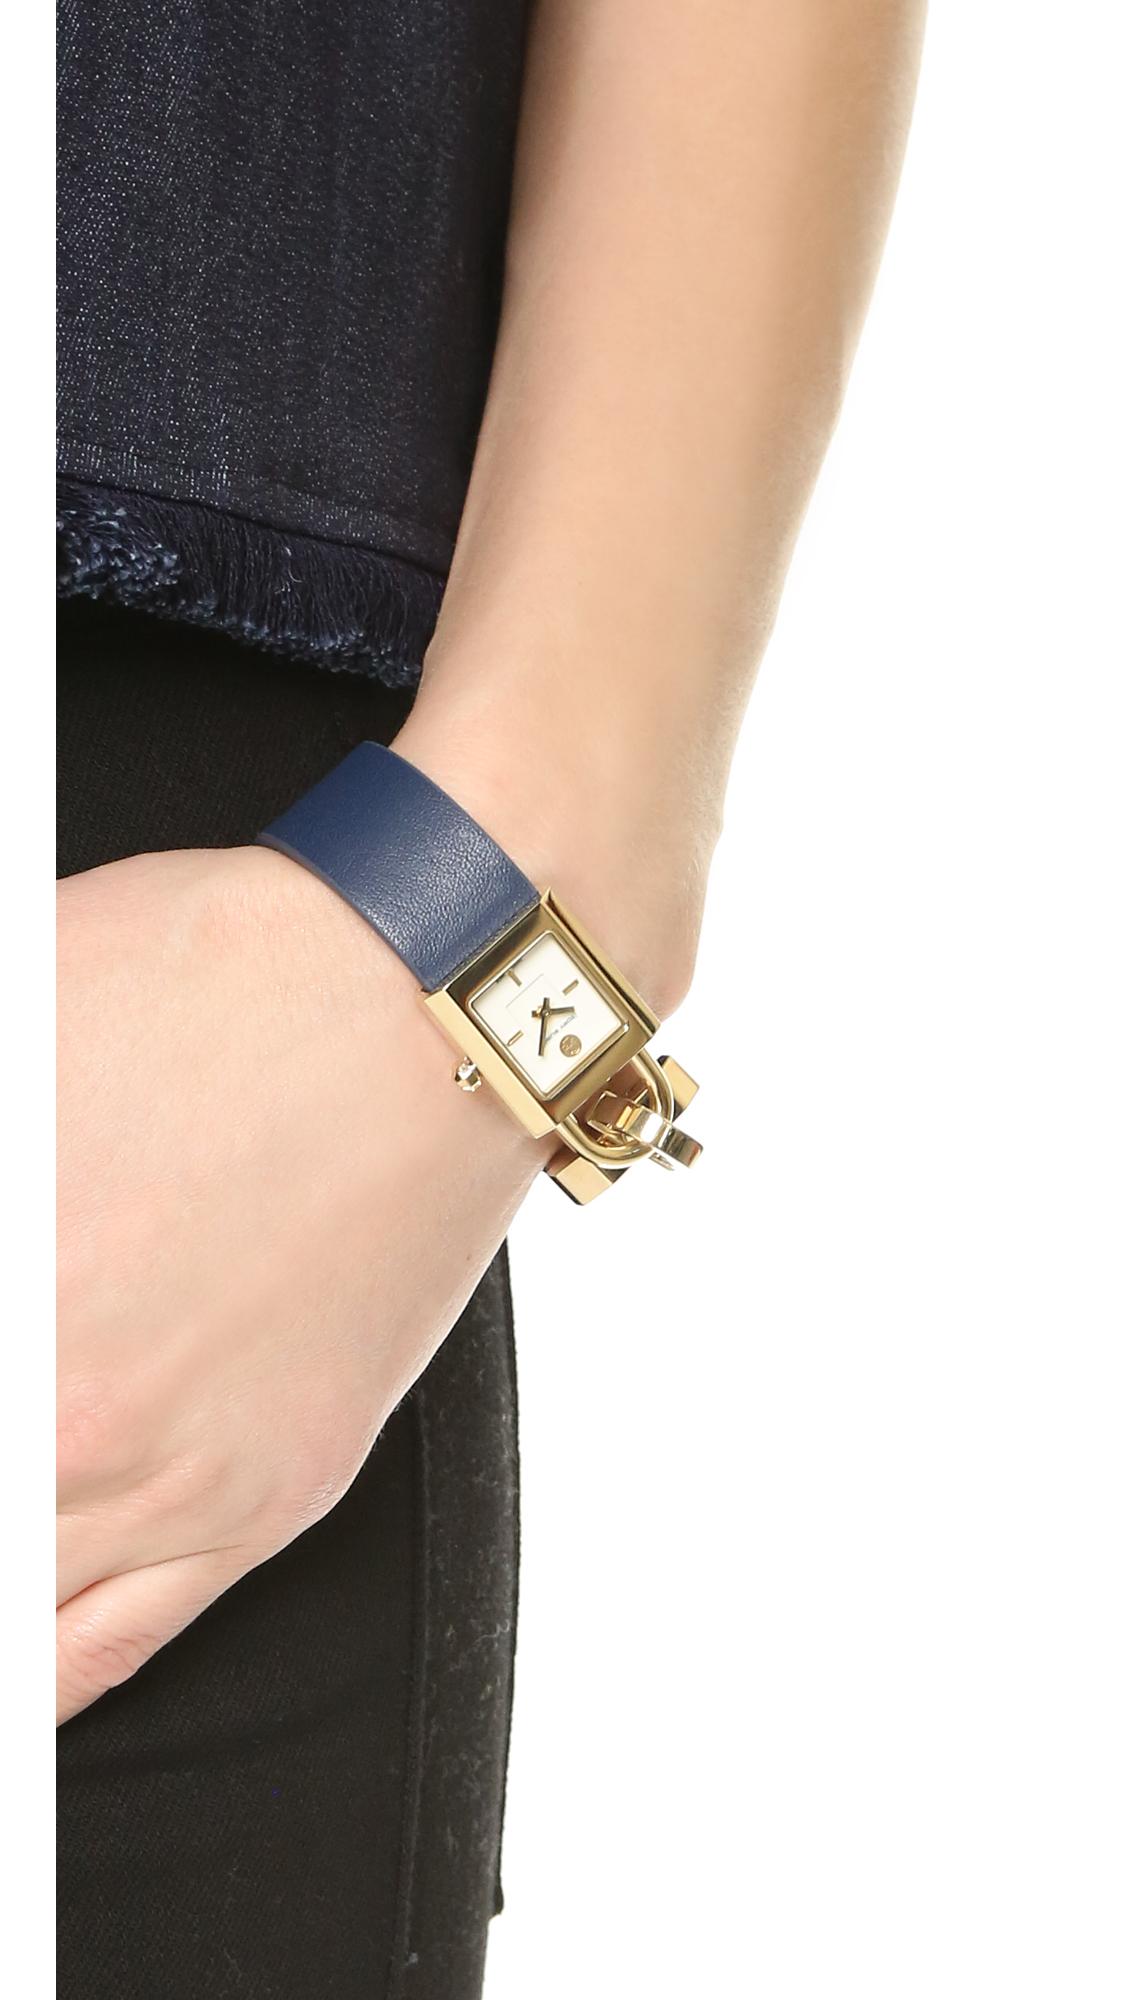 fd550acae70 Lyst - Tory Burch The Surrey Watch in Blue